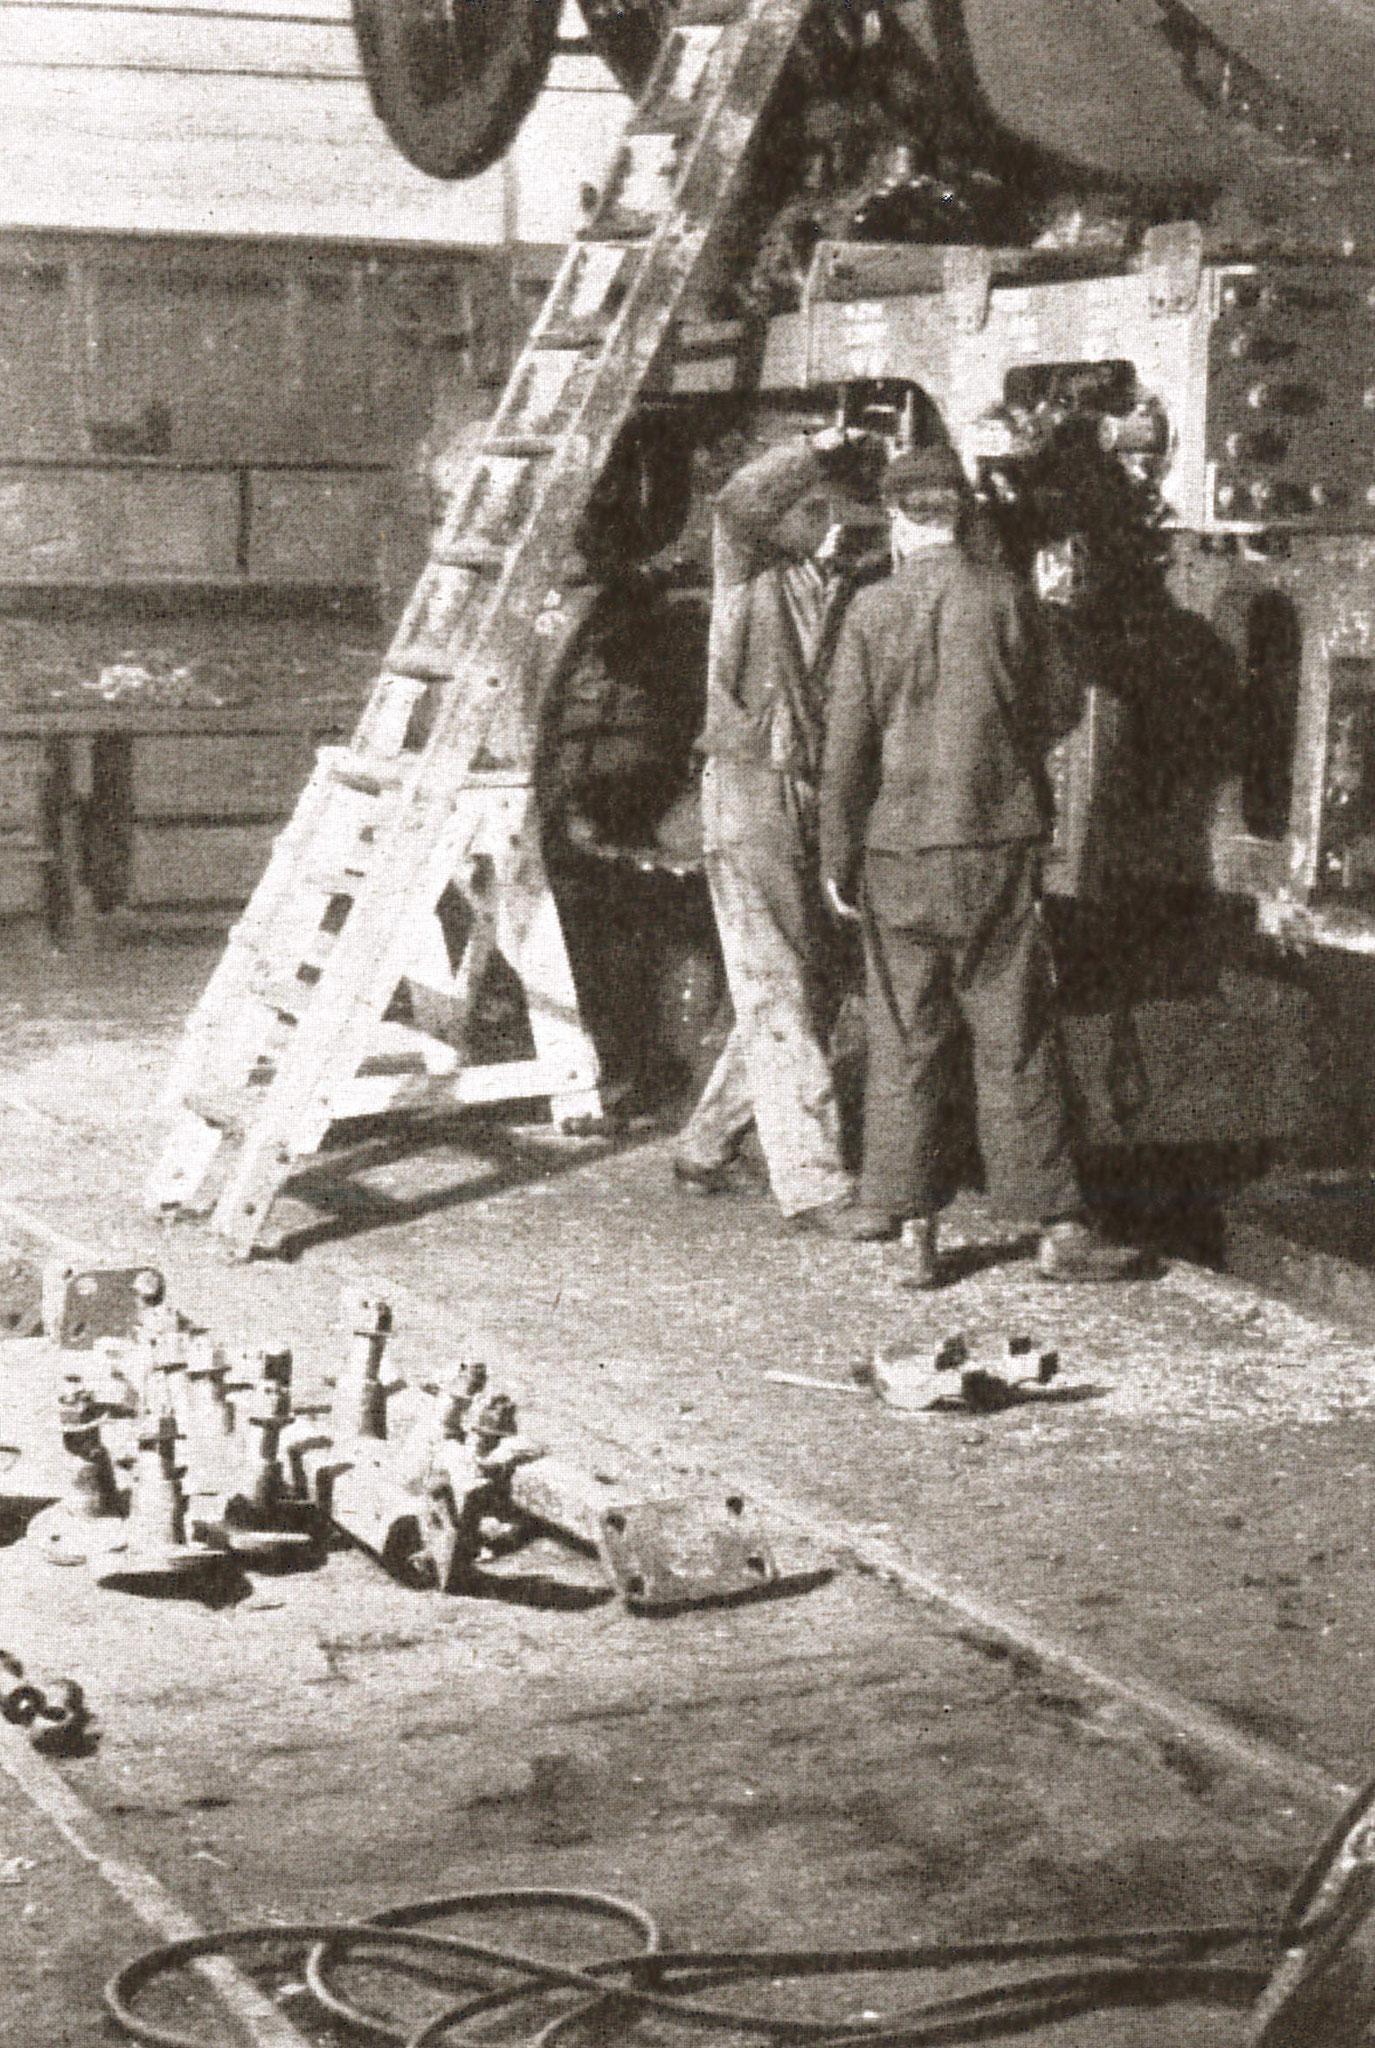 """Kesselschmiede des Werkes (Quelle: """"50 Jahre RAW, 50 Jahre Arbeiterbewegung"""", Zwickau, 1958)"""